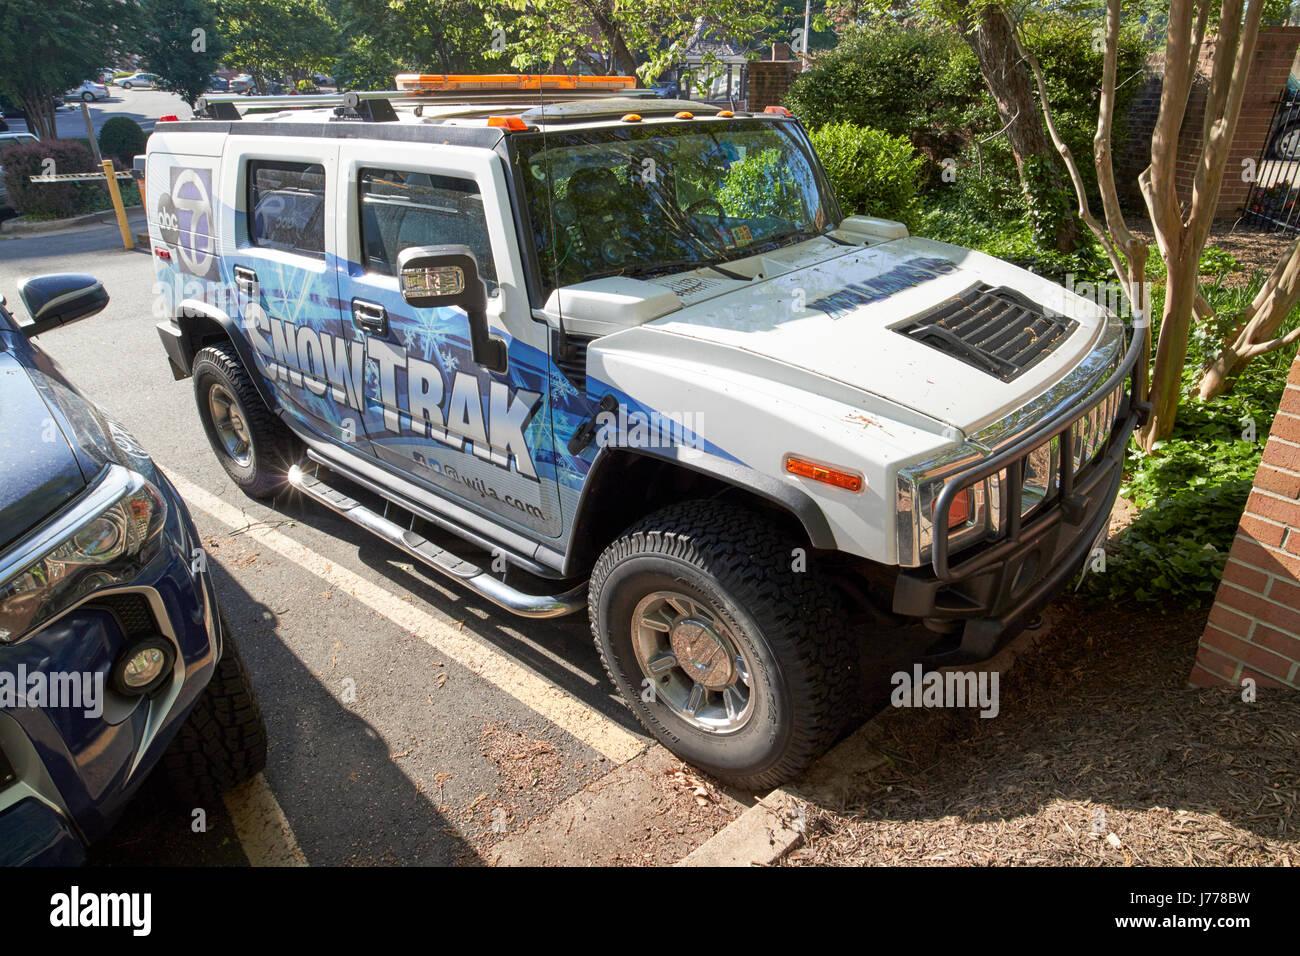 abc 7 wjla snowtrak hummer television weather vehicle Washington DC USA - Stock Image